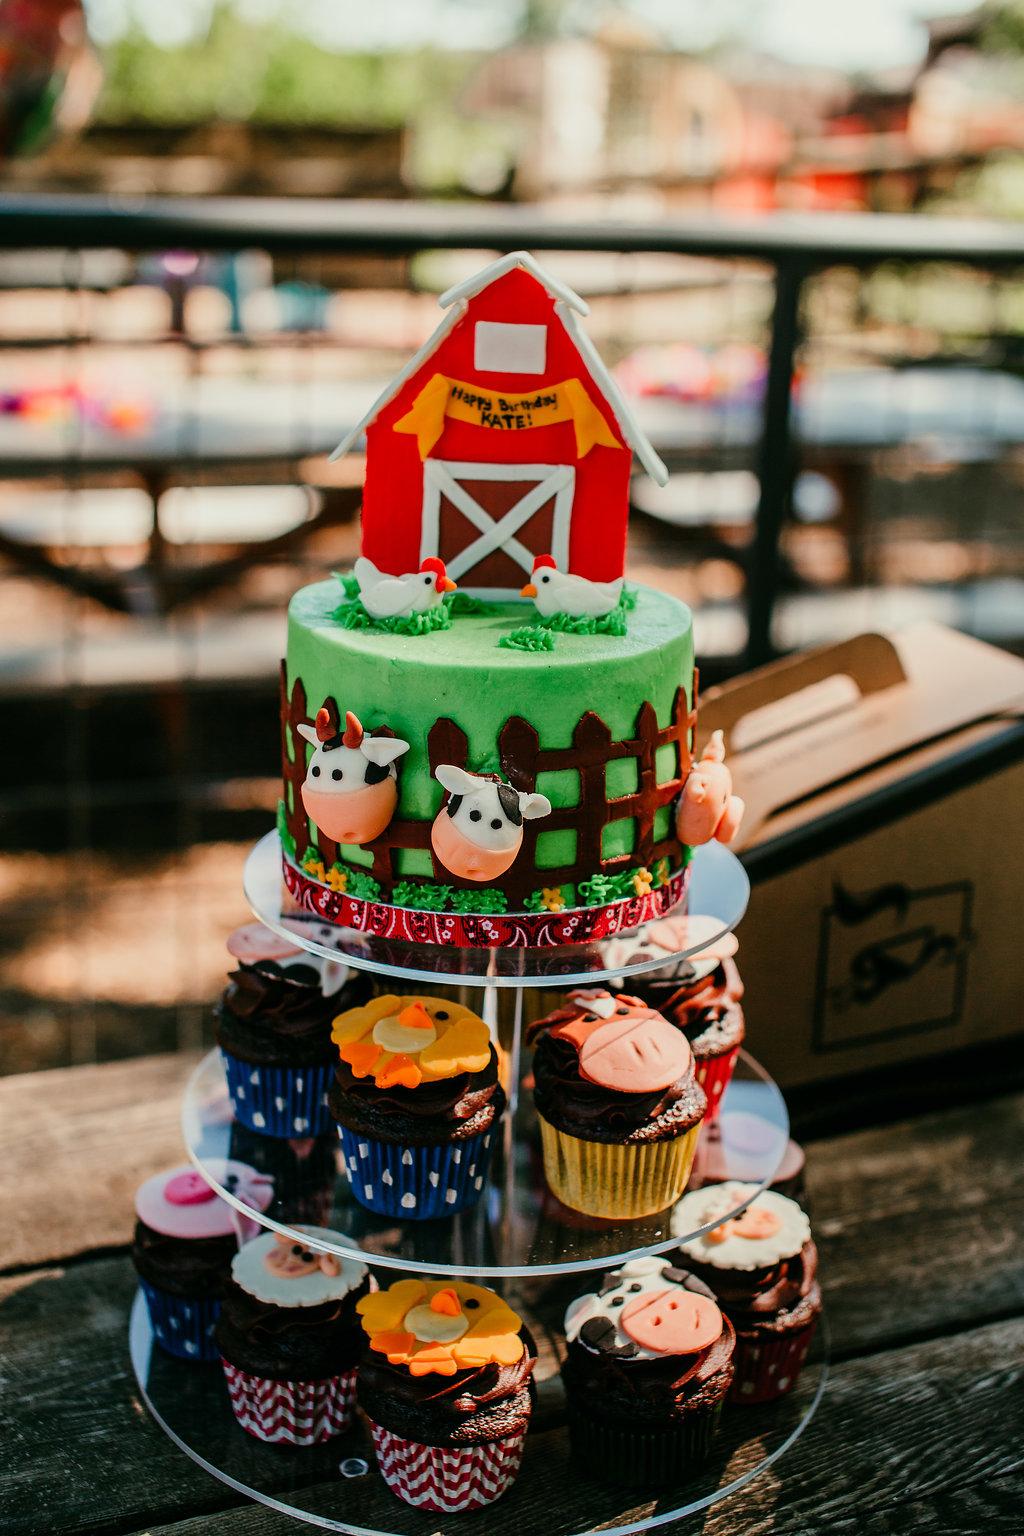 Farm animal birthday cake | Kates 3rd birthday | Hannahillphotography.com | Durham, NC Family photographer